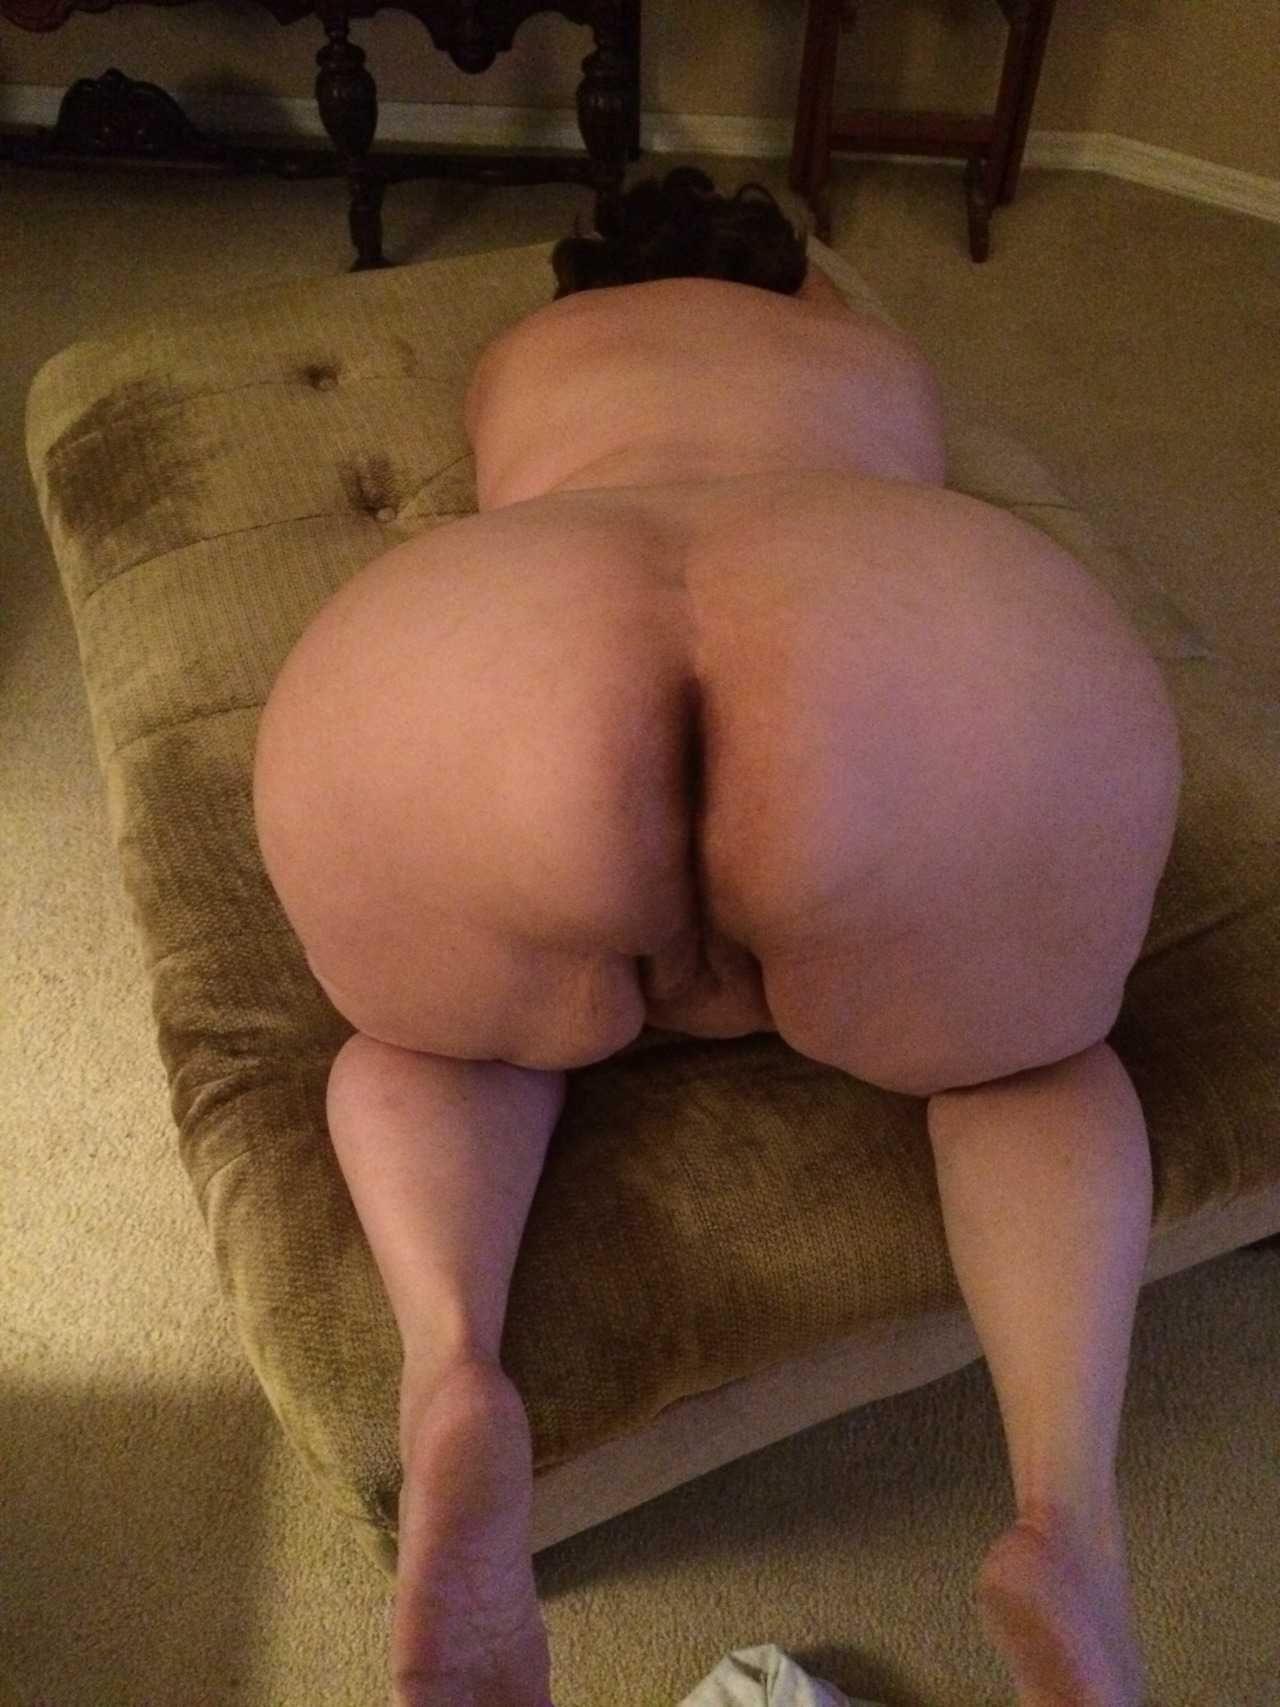 Best lingerie images on pinterest curves full figure bras